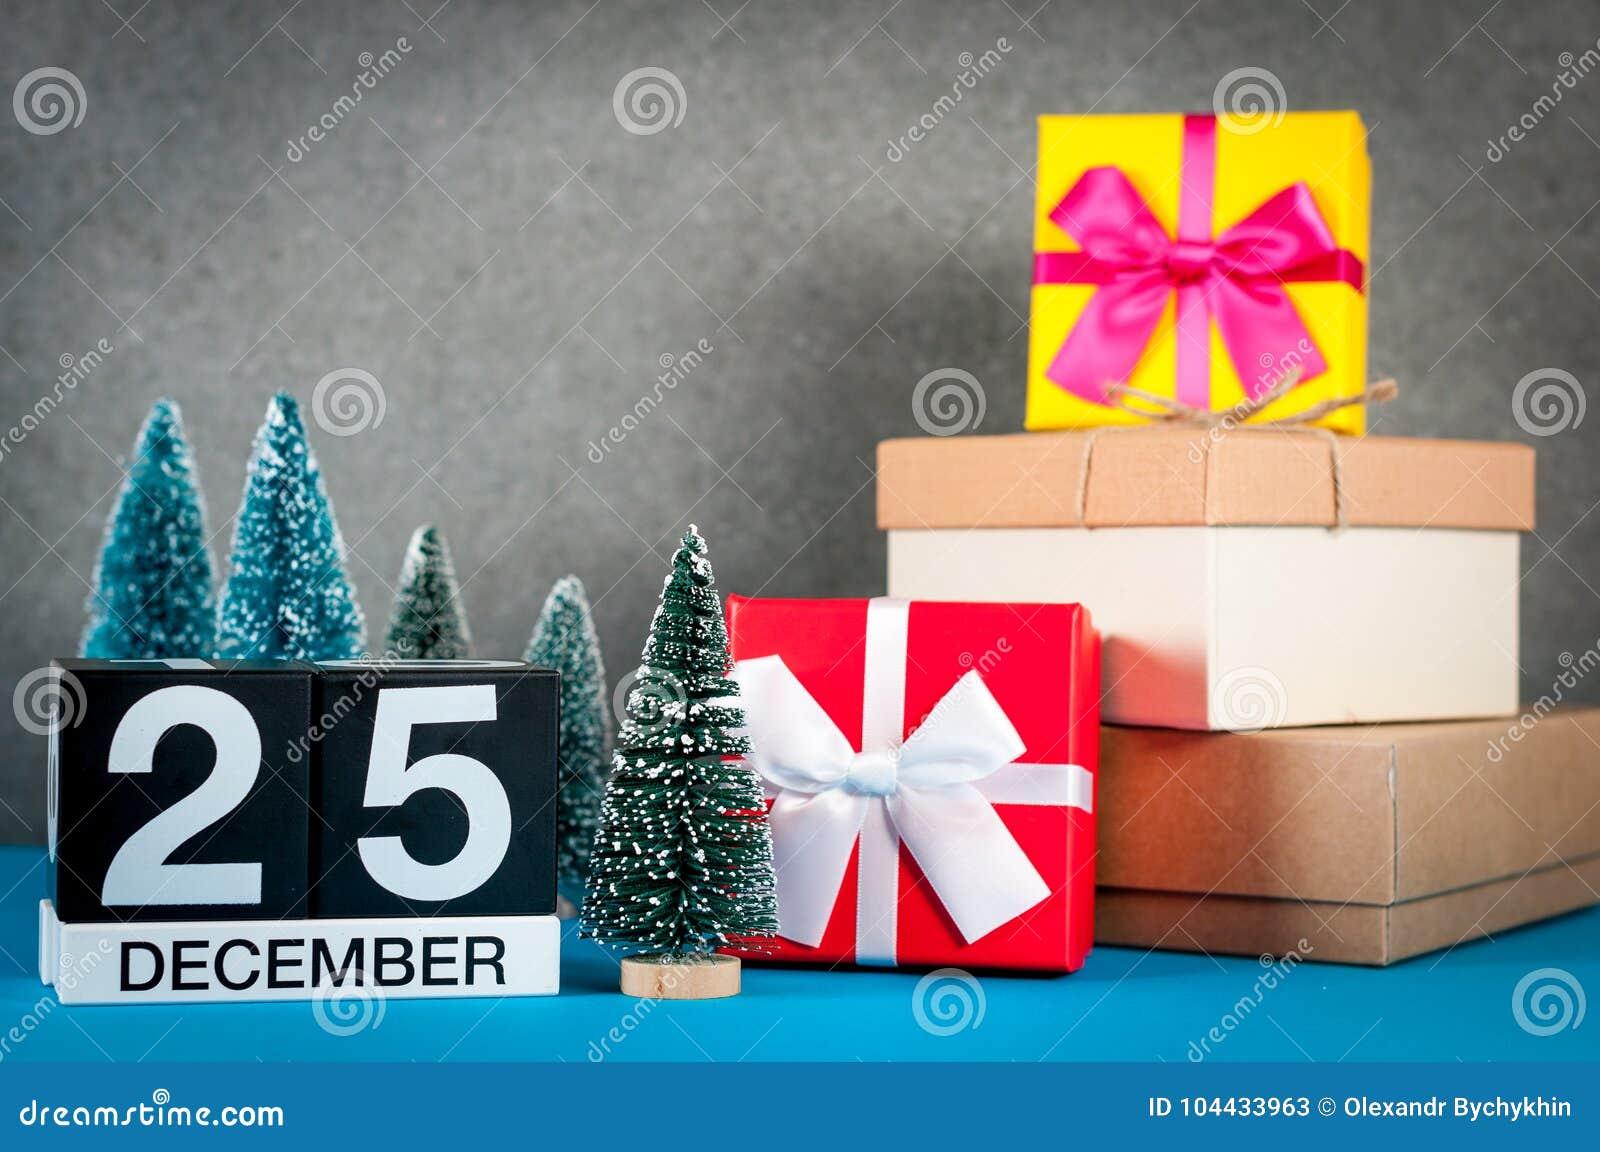 Dating για 2 μήνες Χριστουγεννιάτικα δώρα Χρονολόγηση Συμβουλές προφίλ γραφή